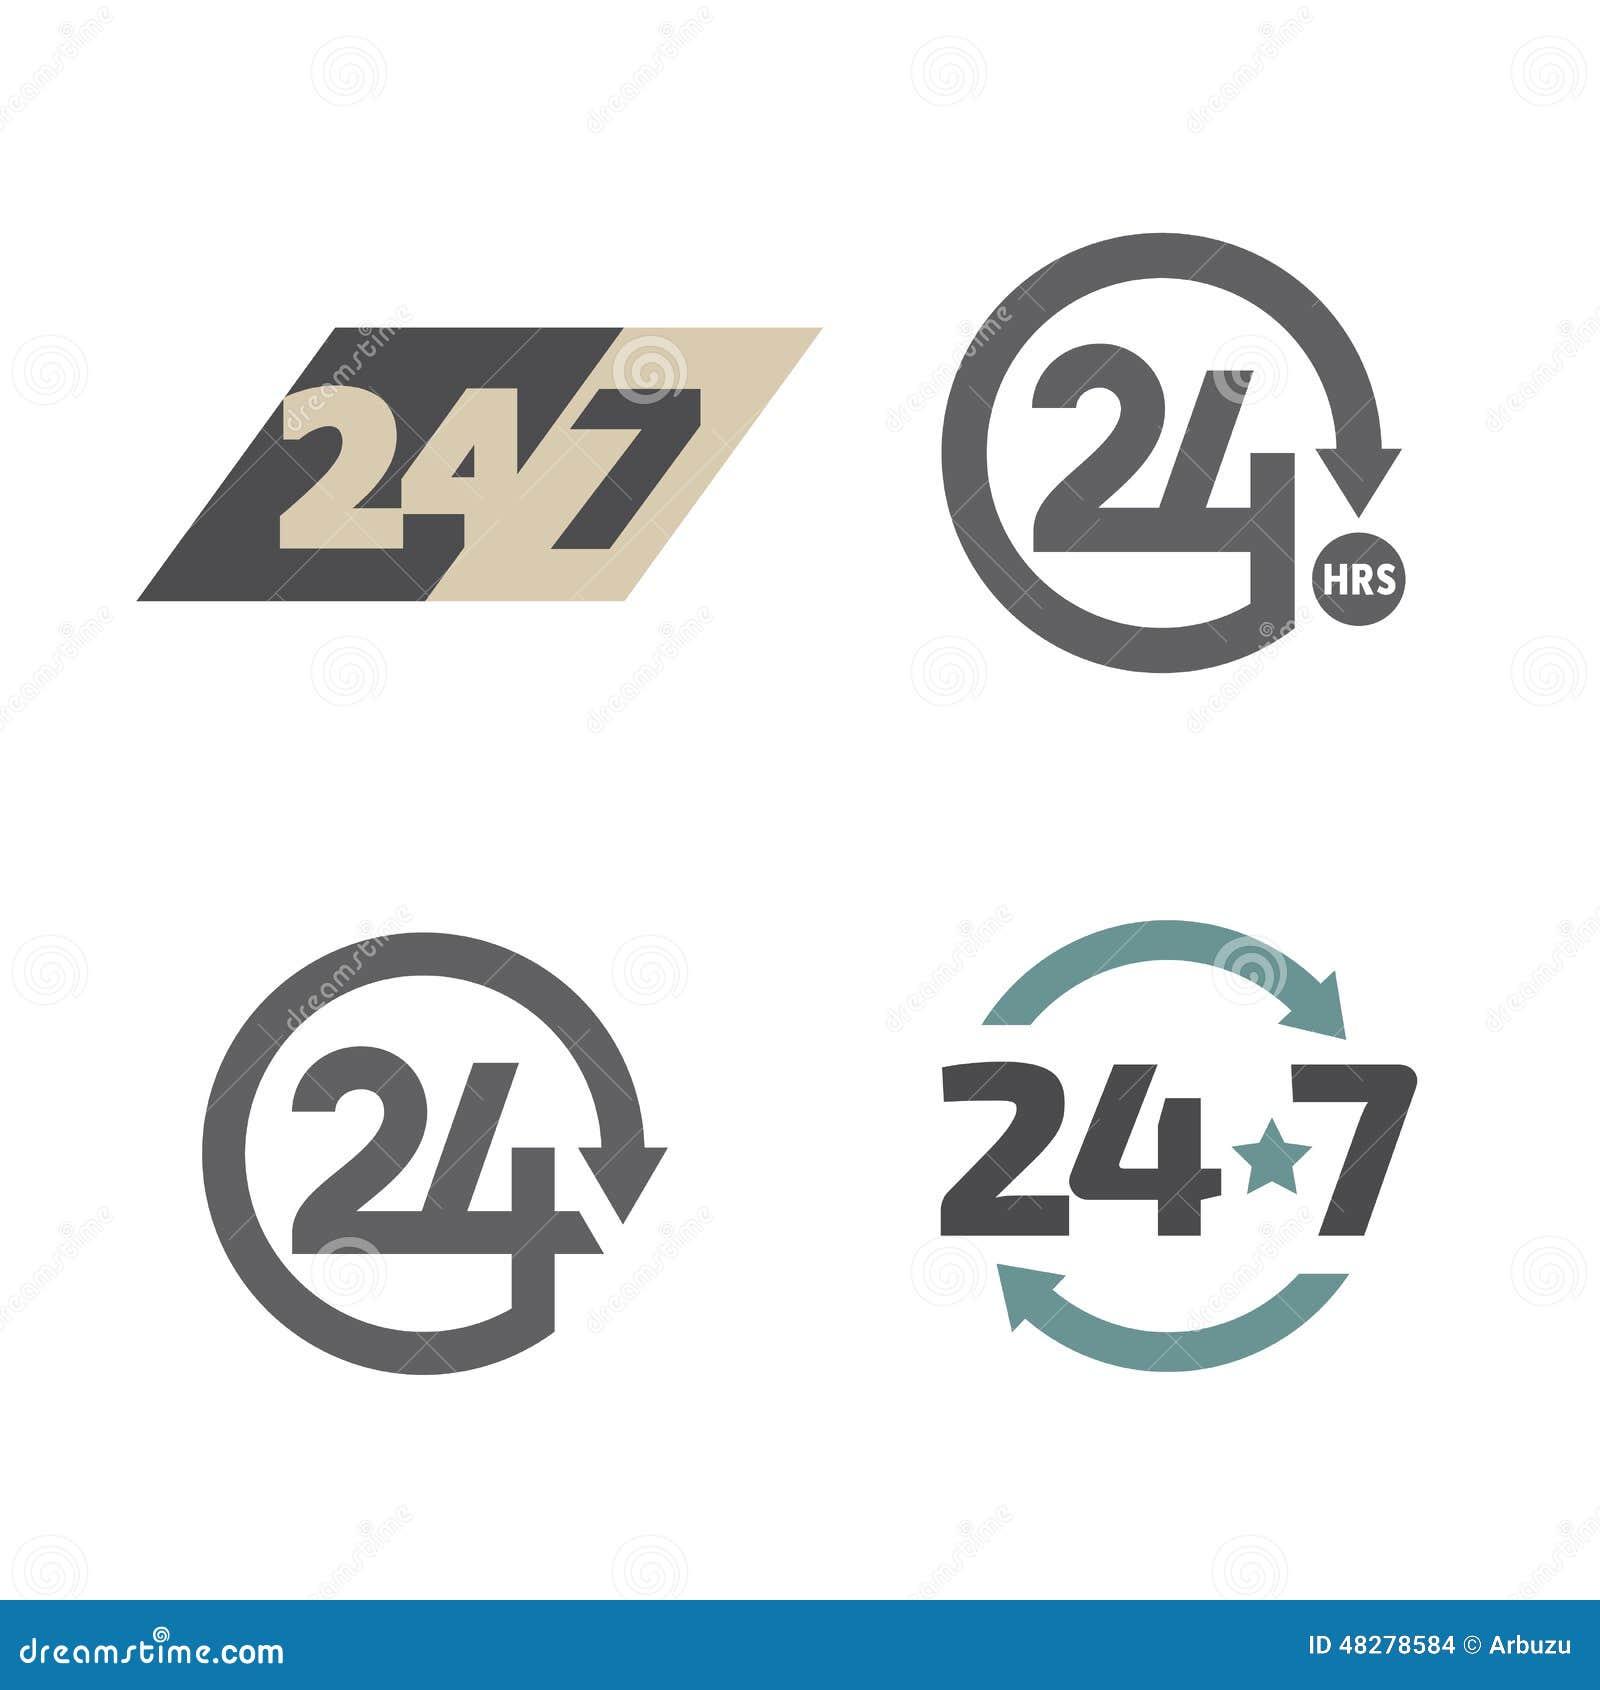 Раскройте круглосуточно 24 часа 7 дней в неделю установленных значков